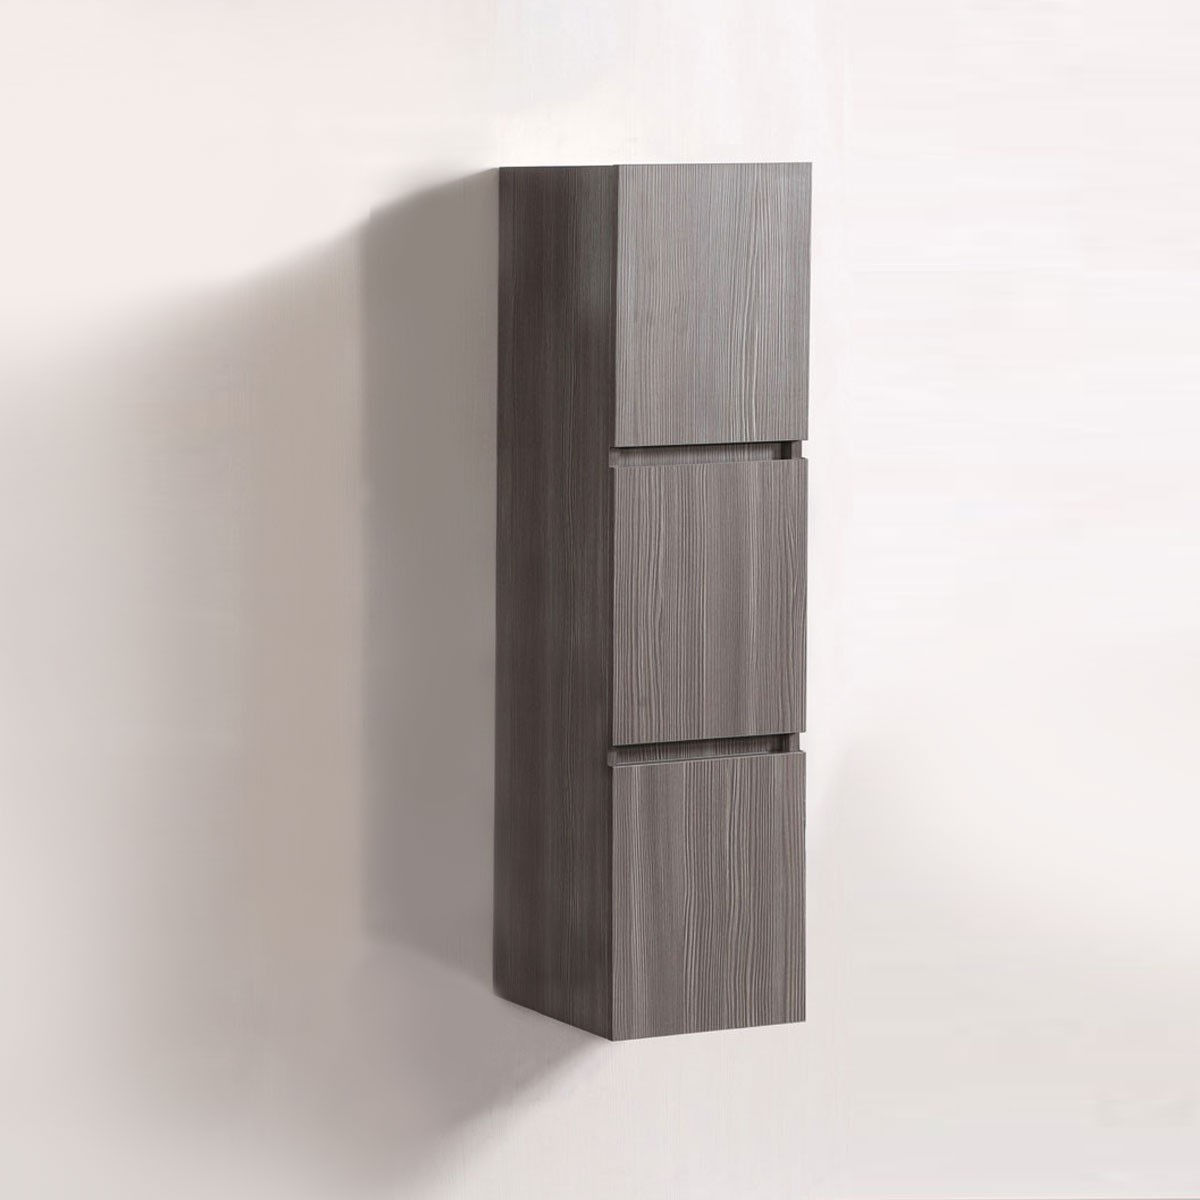 14 x 47 po Cabinet Latéral pour Meuble Salle de Bain Suspendu au Mur (DK-T5167A-S)